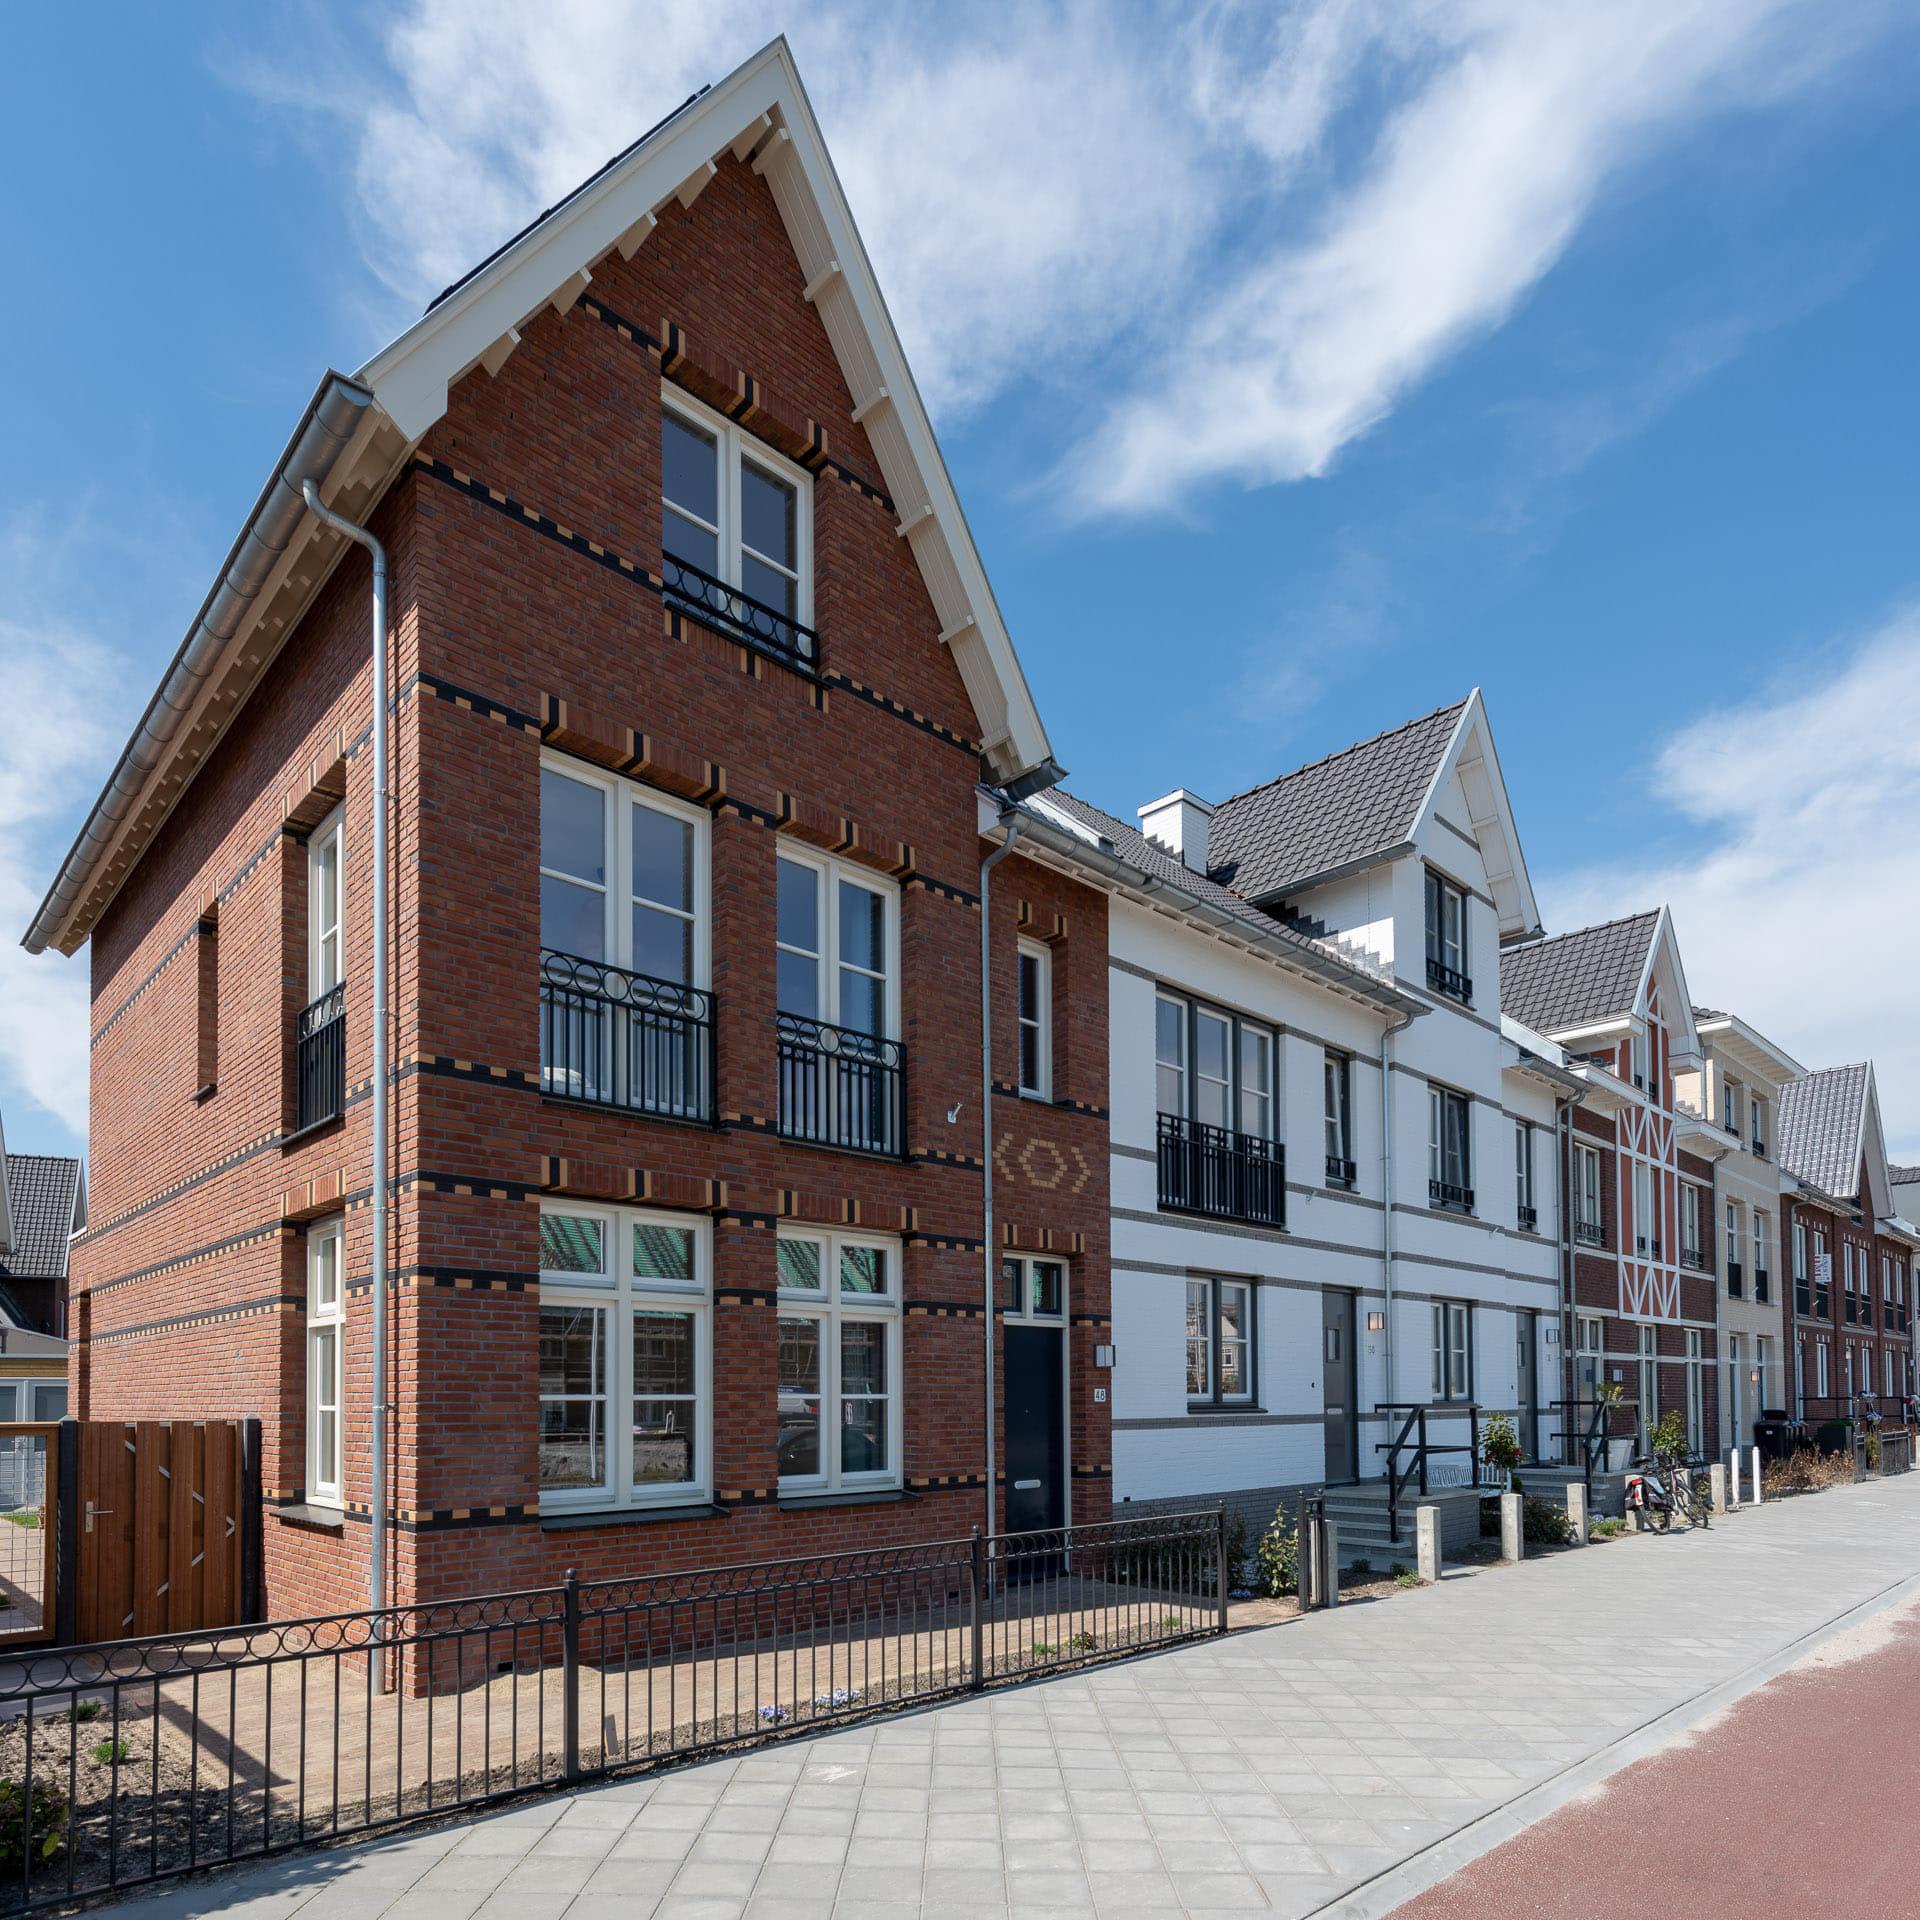 Rij nieuwbouwwoningen in negentiende-eeuwse stijl in verschillende kleuren en ontwerpen